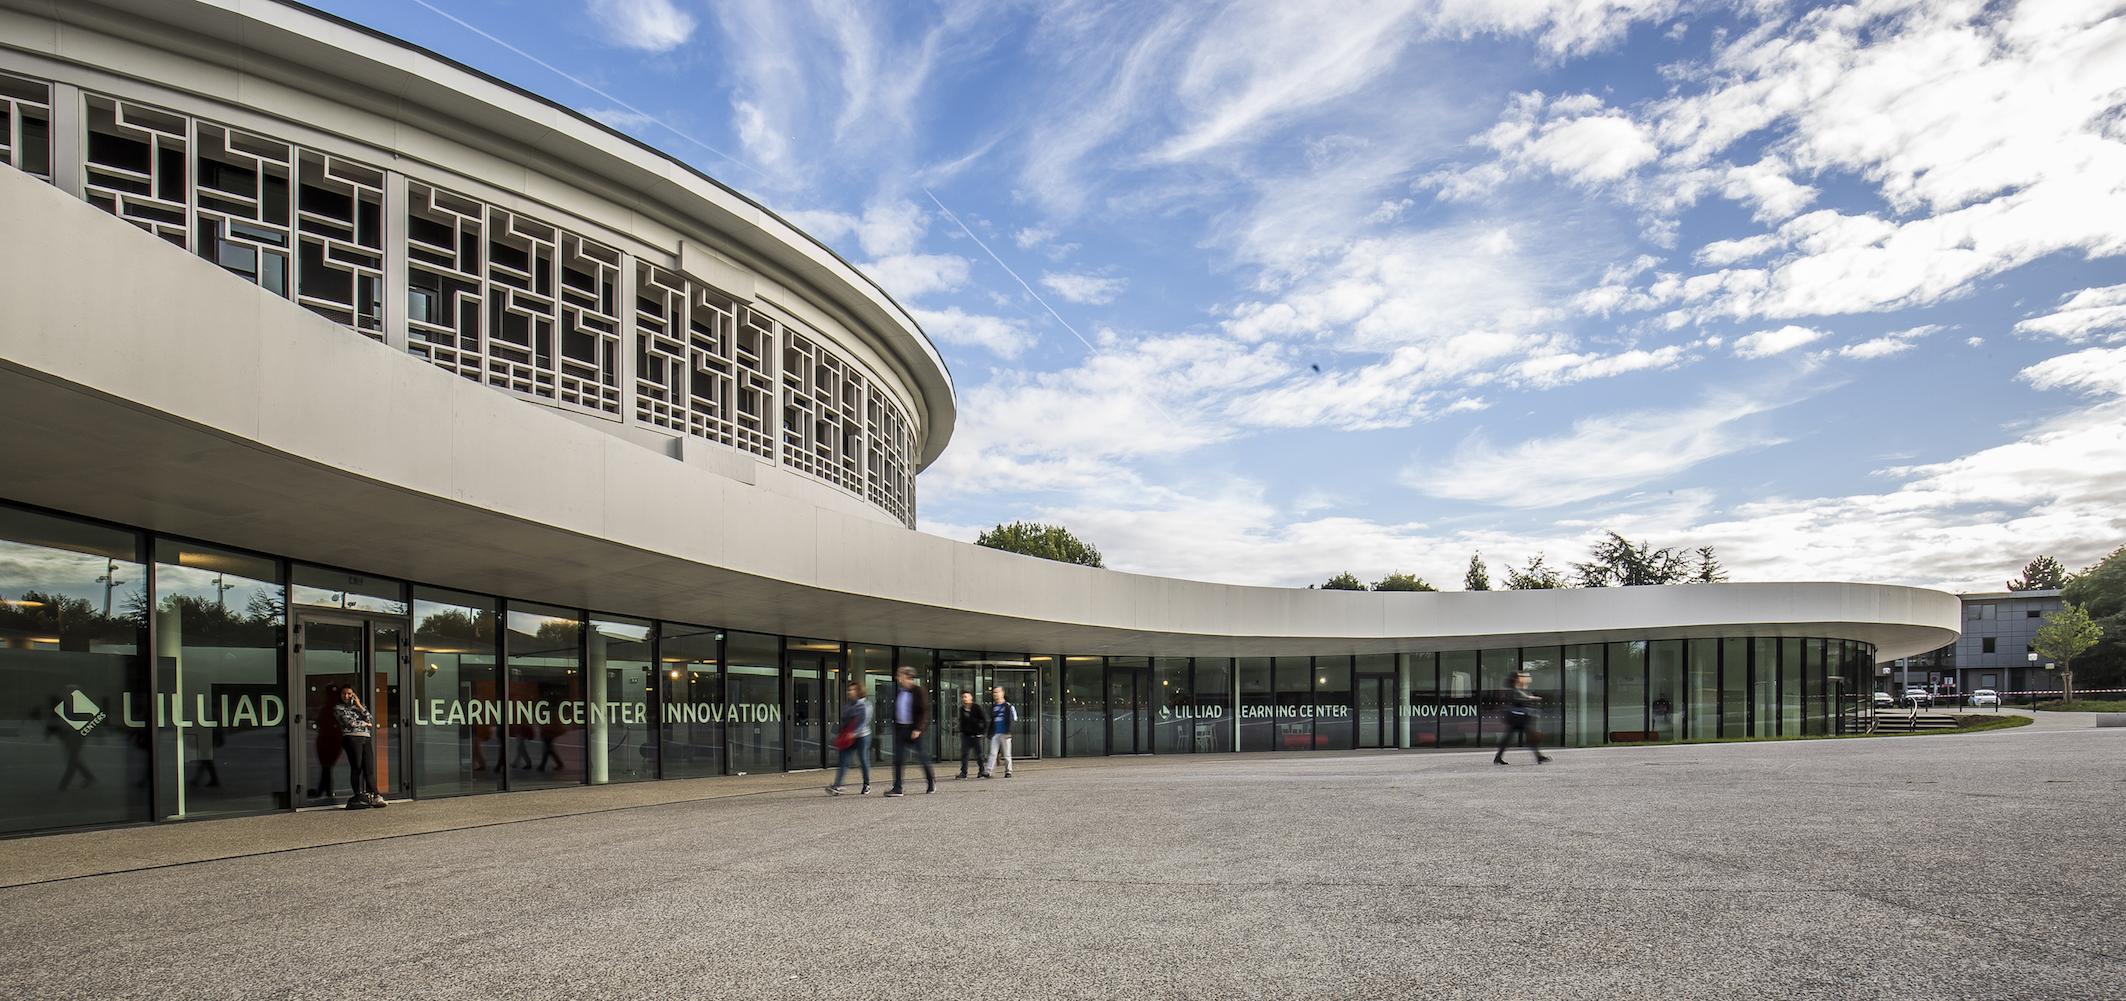 Universit de lille n 3 au classement licences for Architecture logicielle